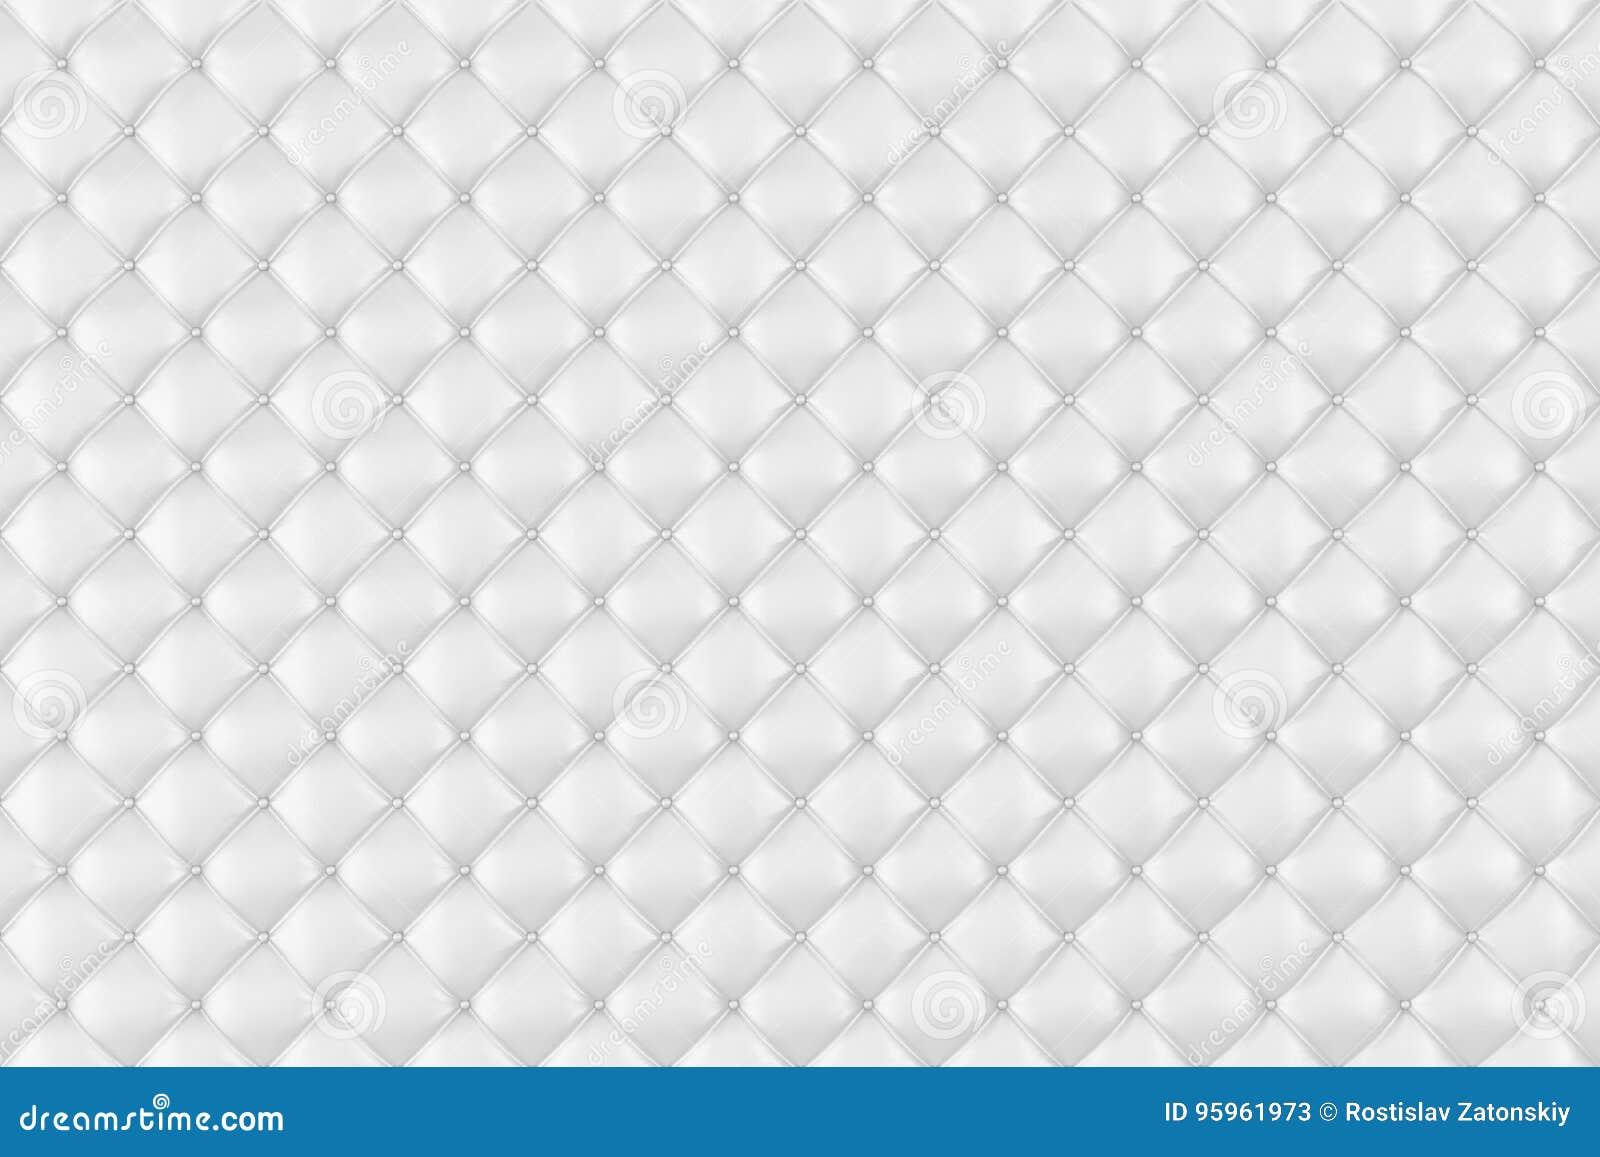 03fa218ab6f1 Läderstoppning Sofa Background Vit lyxig garneringsoffa Elegant textur för  vitt läder med knappar för modell